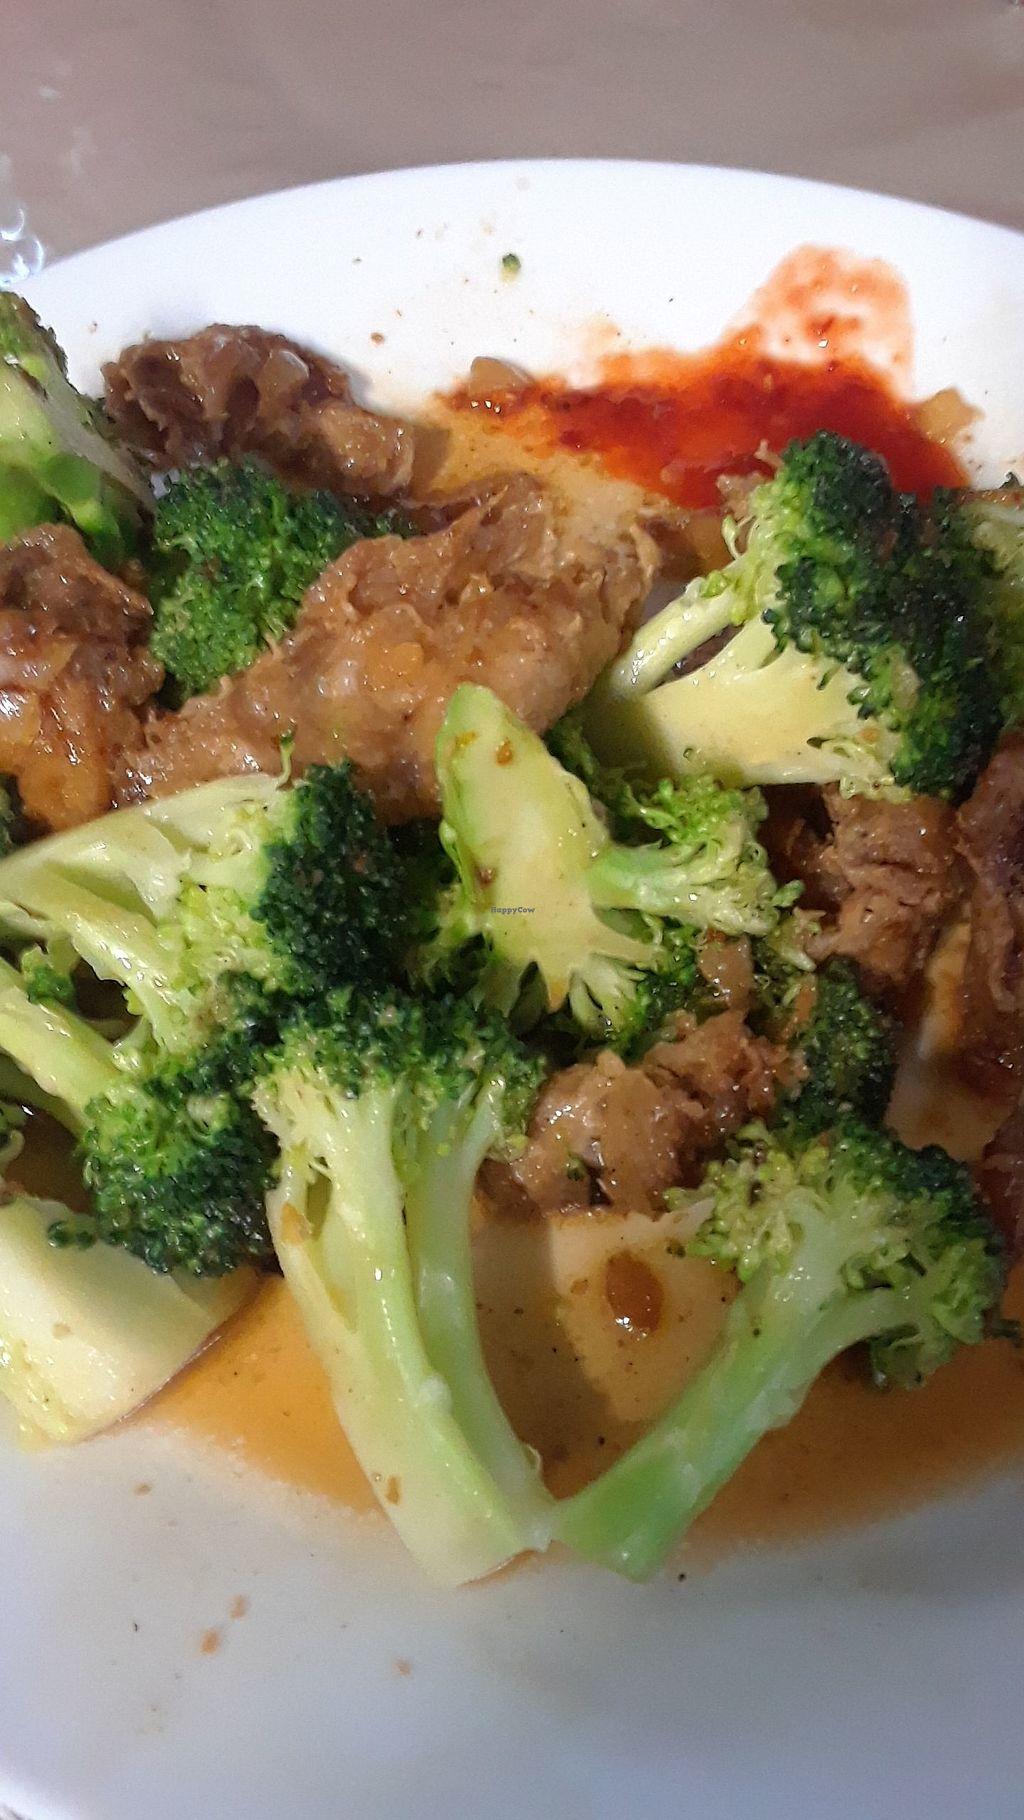 Beef Broccoli At Van Hanh Vegetarian Restaurant In Portland